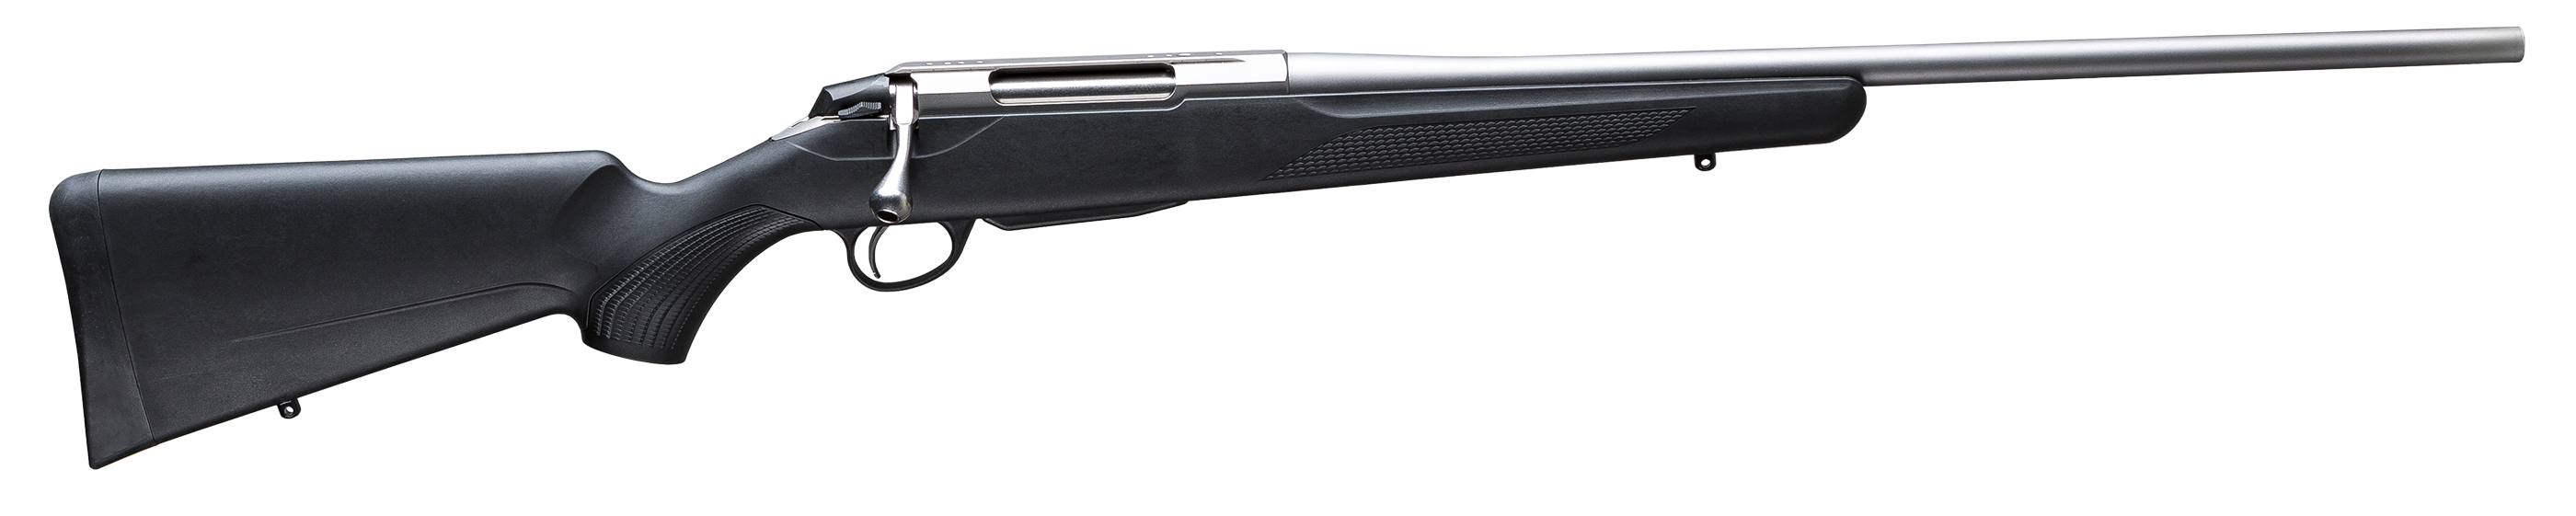 Tikka T3x Lite stainless 6.5 Creedmoor kivääri